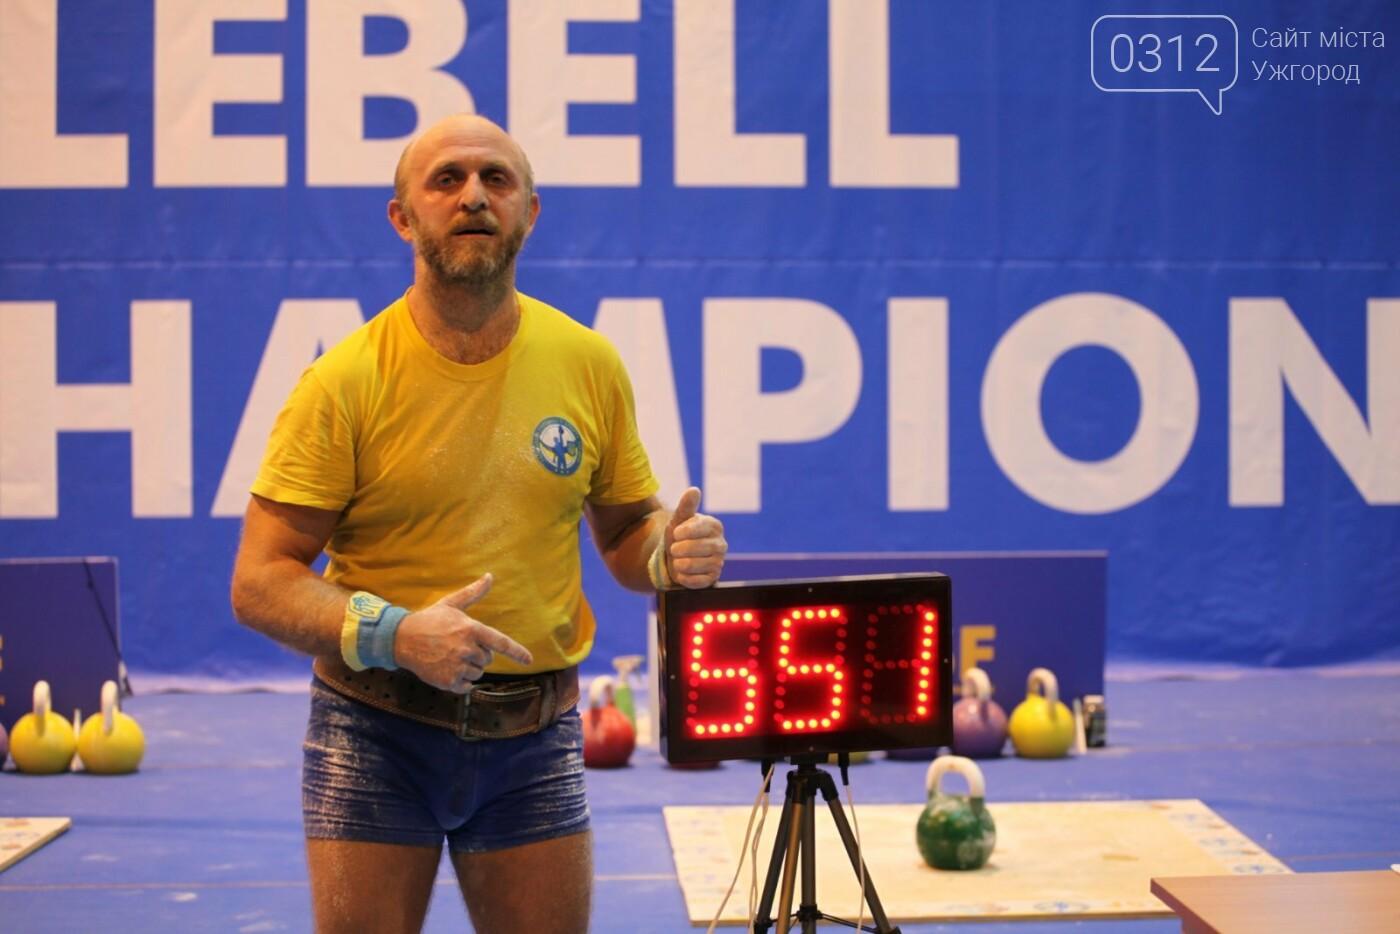 Троє закарпатців вибороли золото на Чемпіонаті Європи з гирьового спорту (ФОТО), фото-5